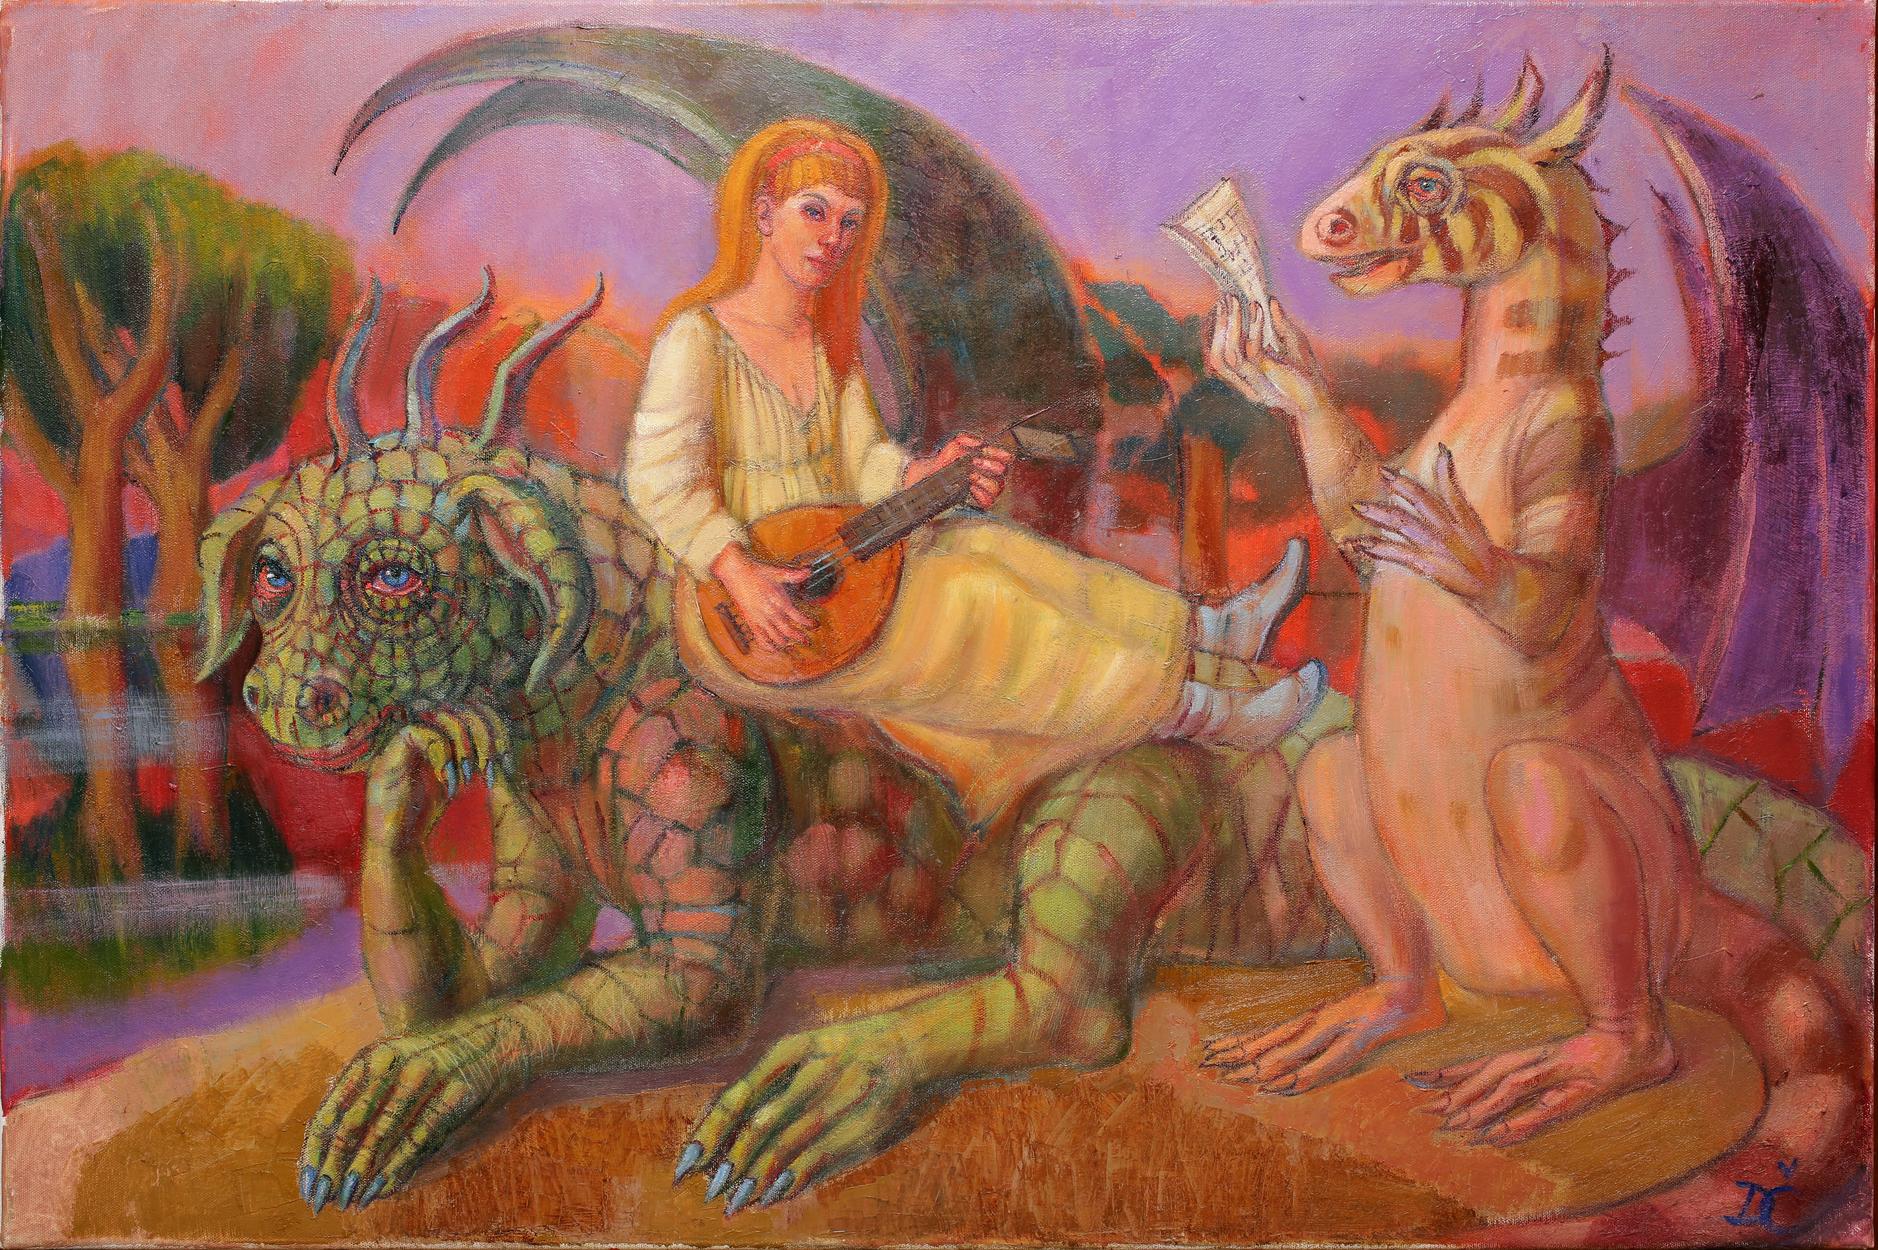 Concerto Artwork by Dagnia Cherevichnik